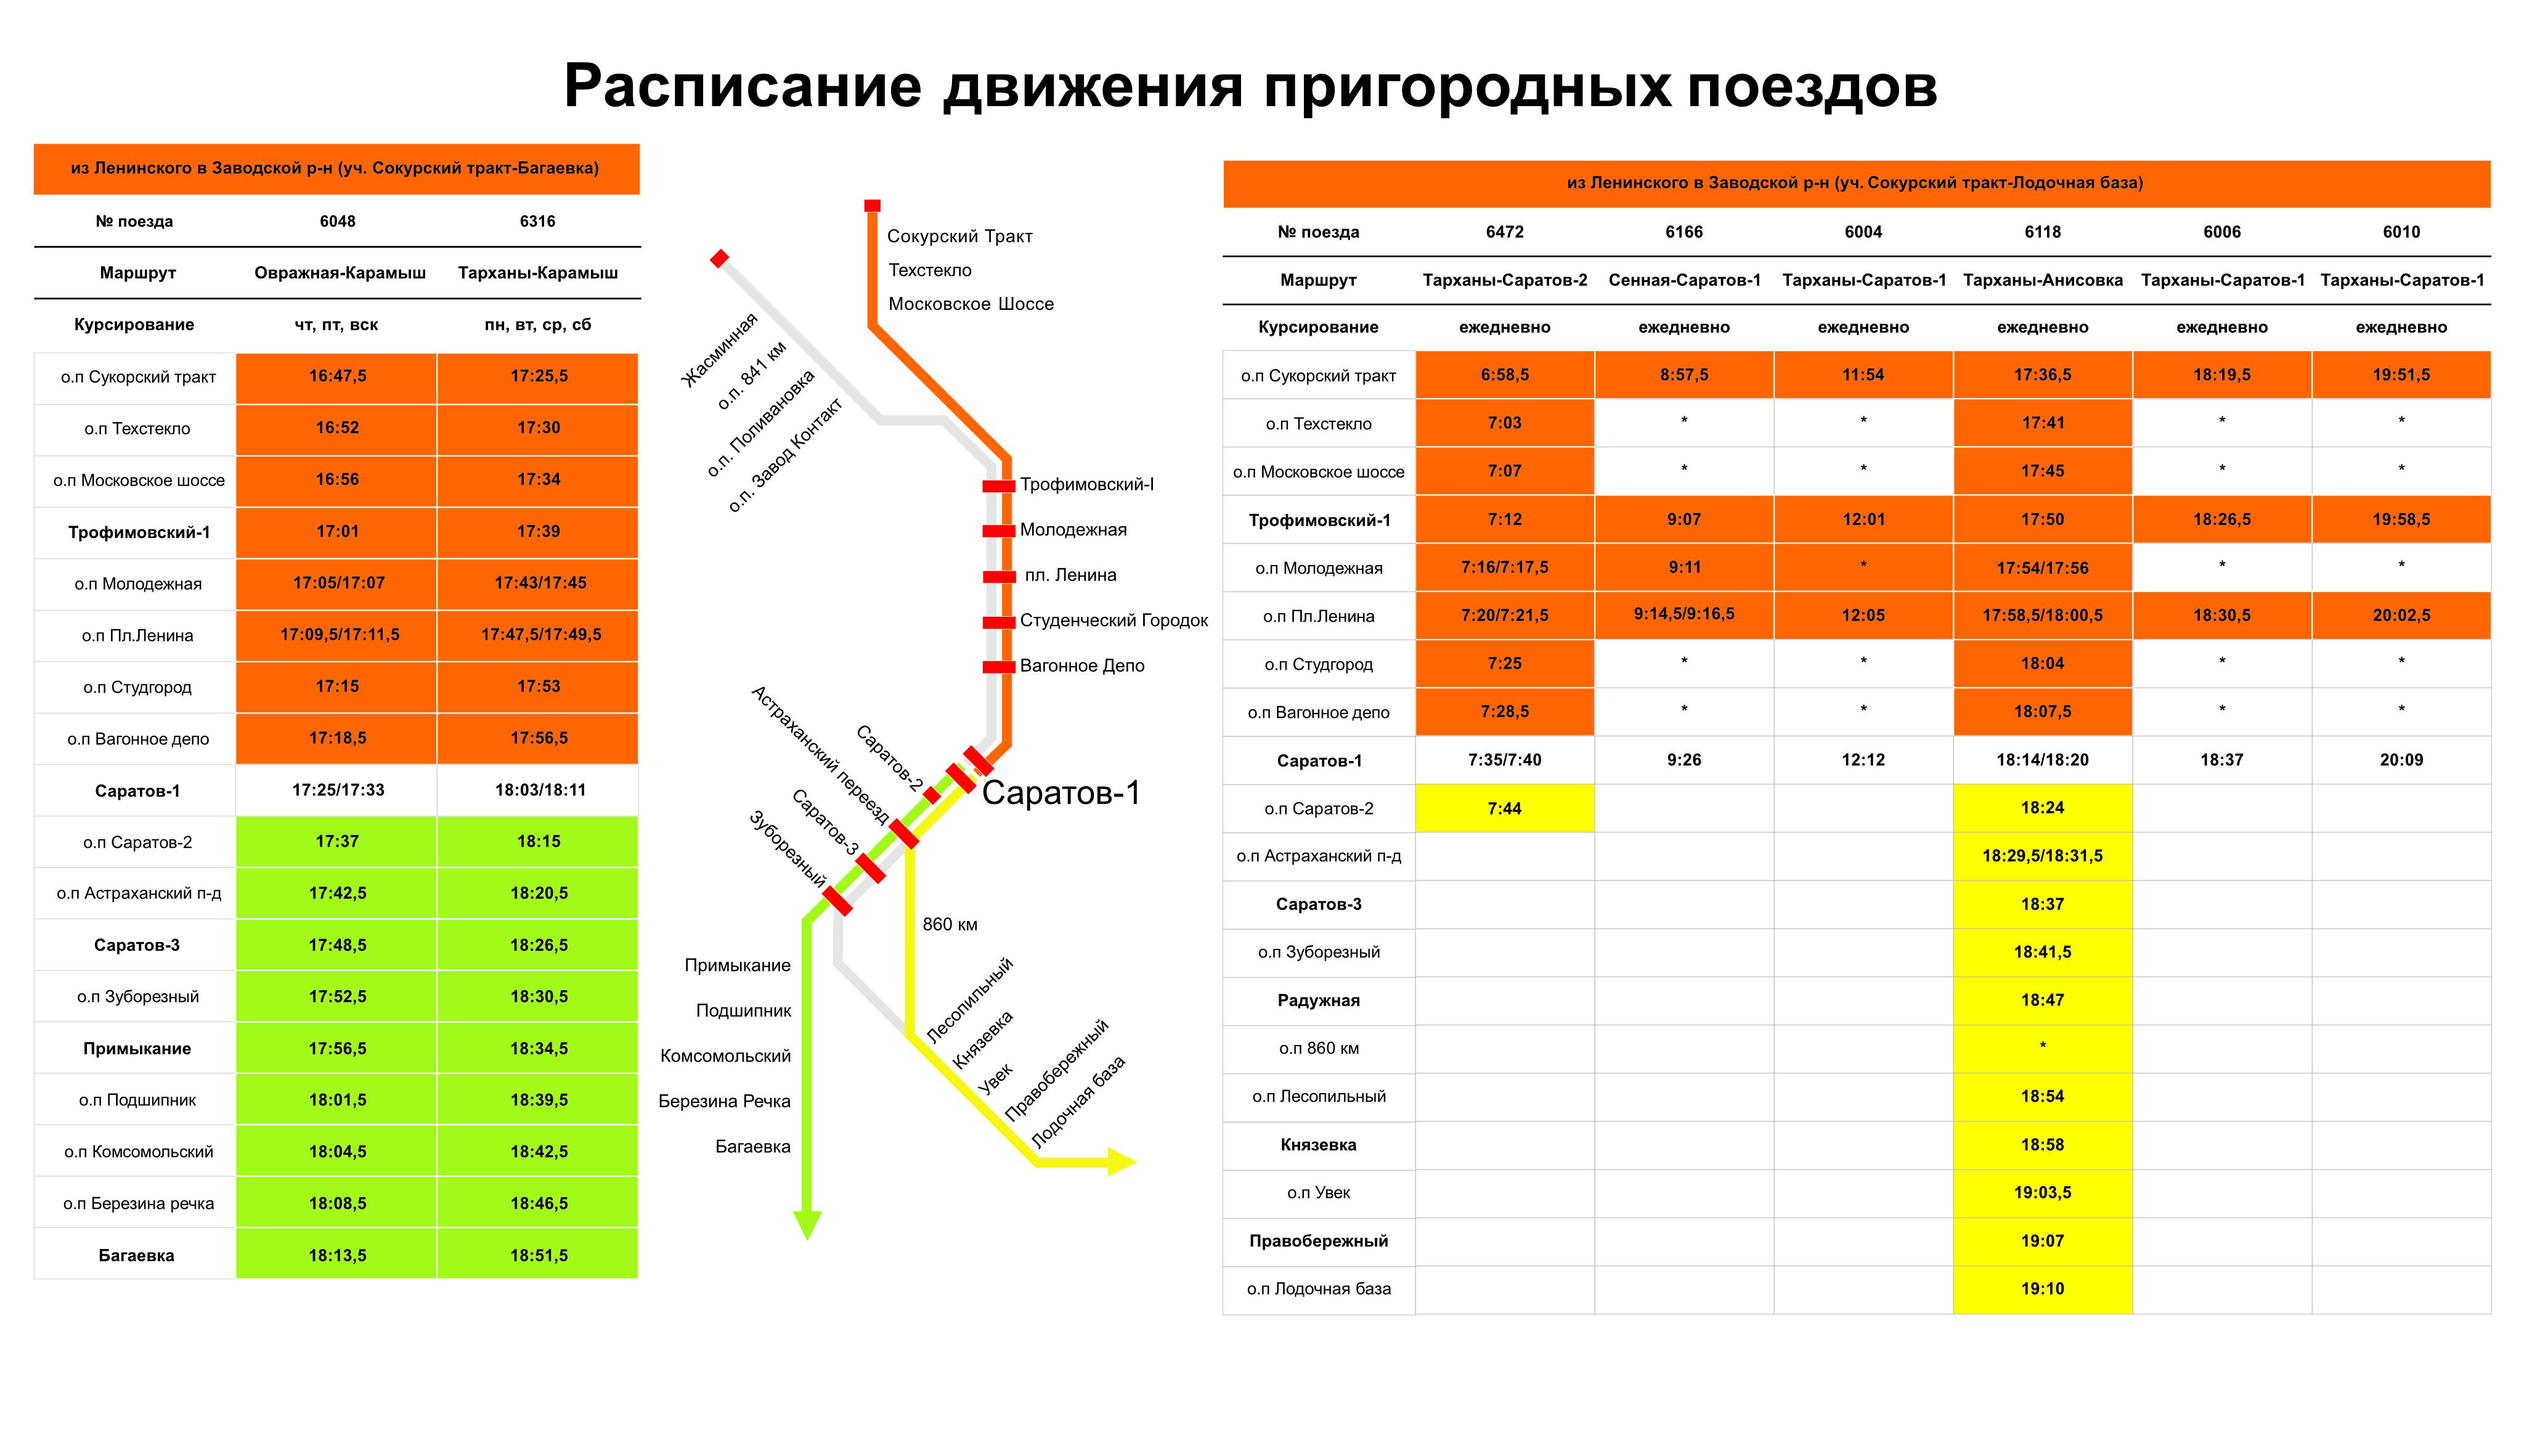 shemadvsaratov 2 1 - Схема движения пригородных поездов в черте г.Саратов